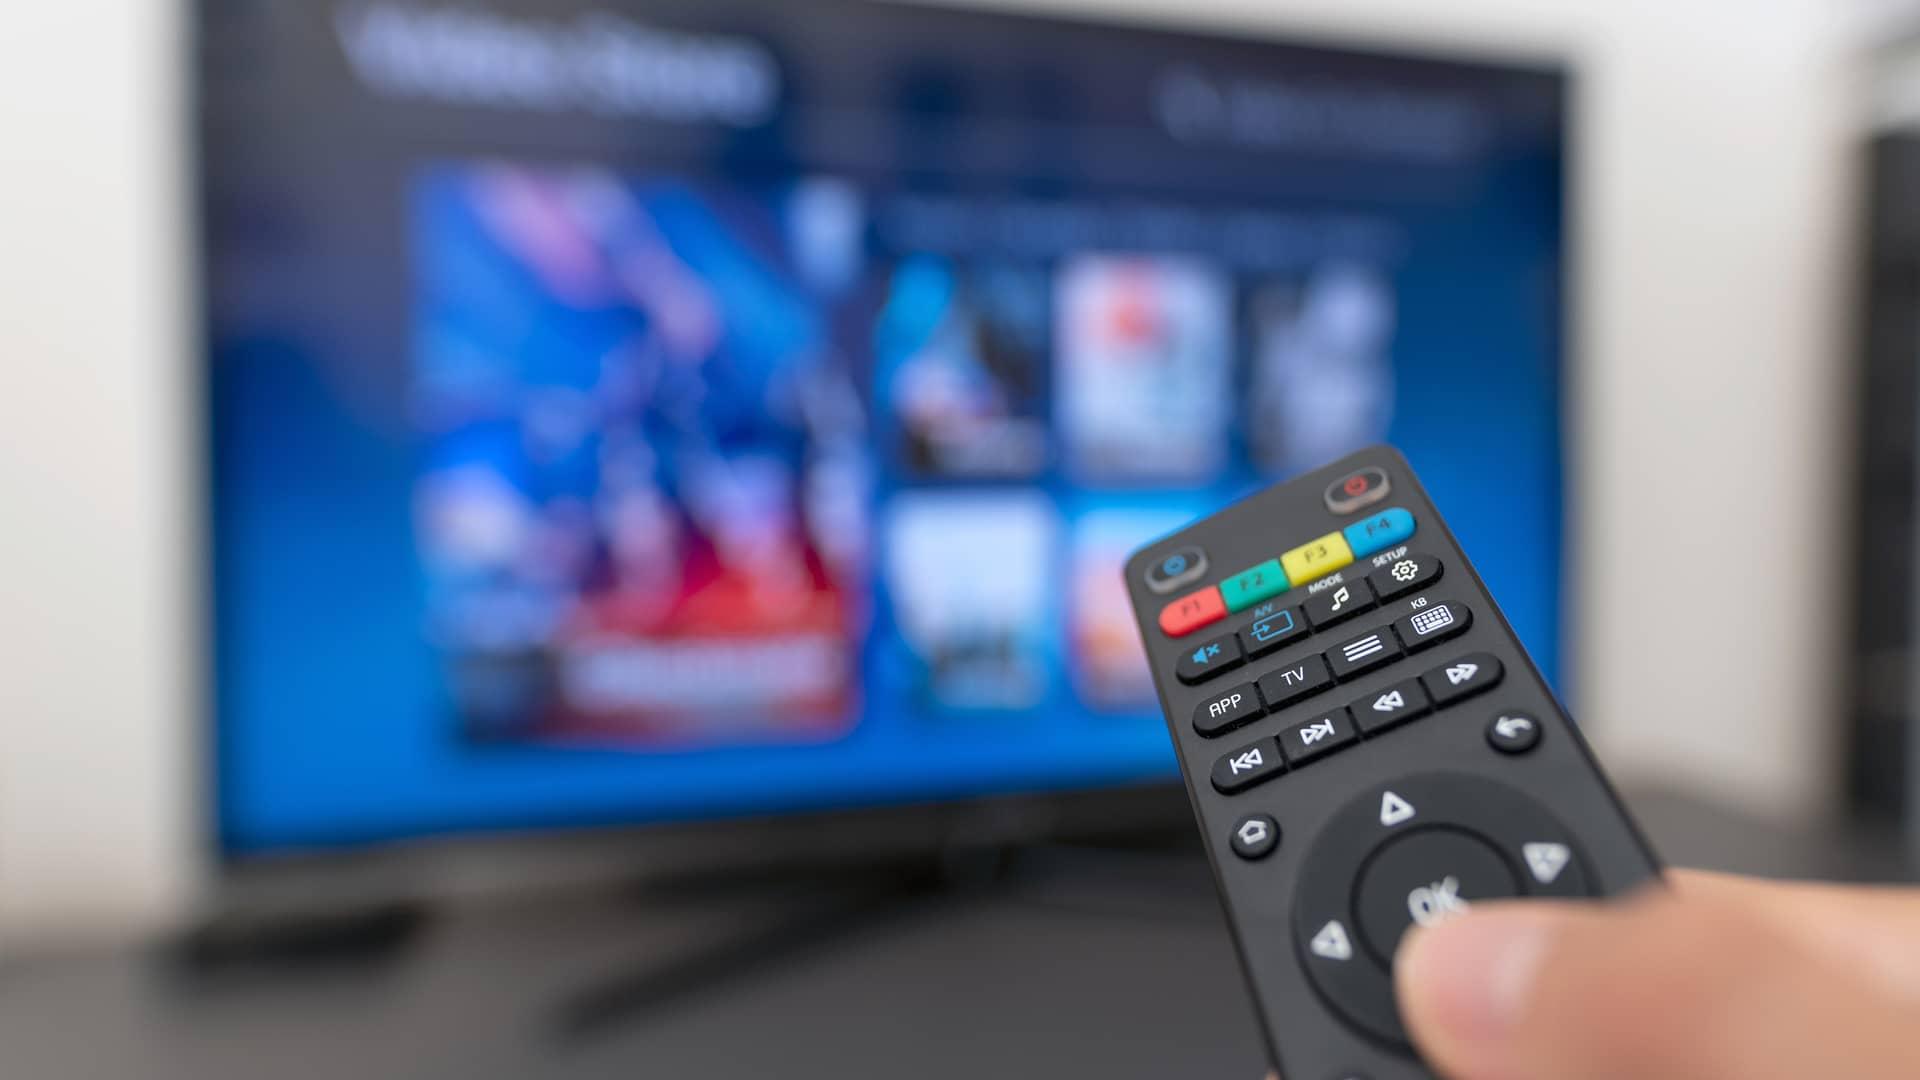 Nuevos canales TDT Euskaltel: cómo verlos